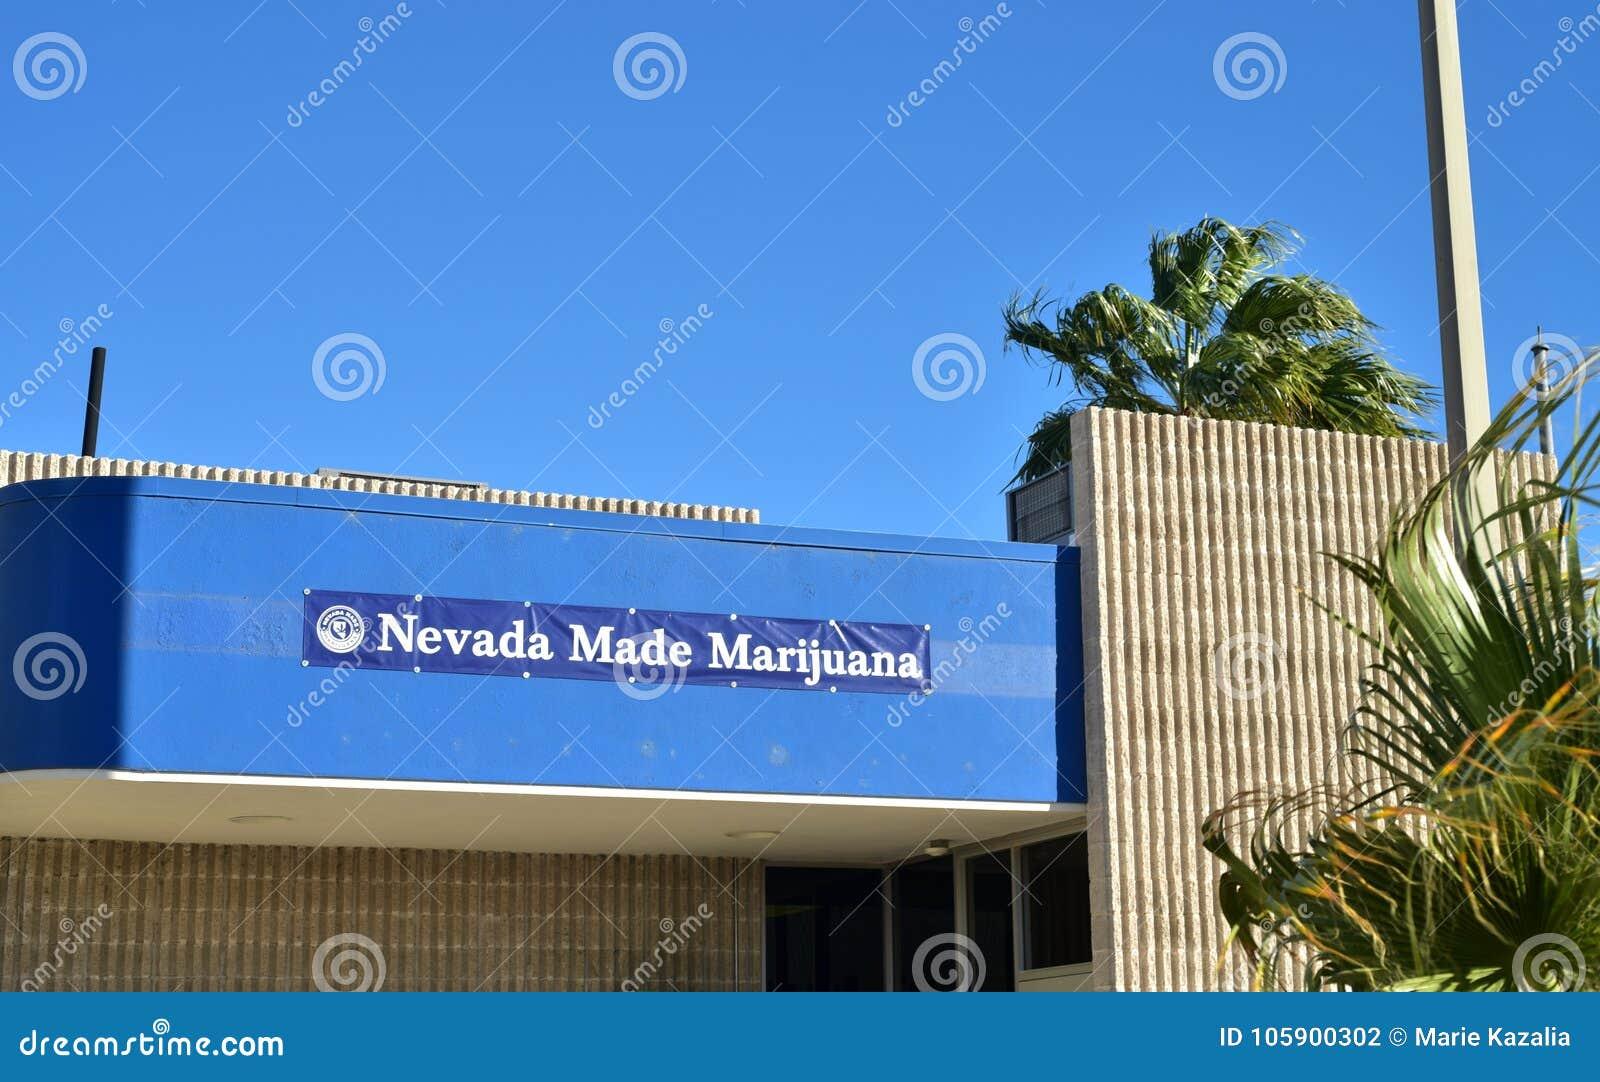 Γίνοντη η Νεβάδα μαριχουάνα ψυχαγωγικό ιατρείο πωλήσεων